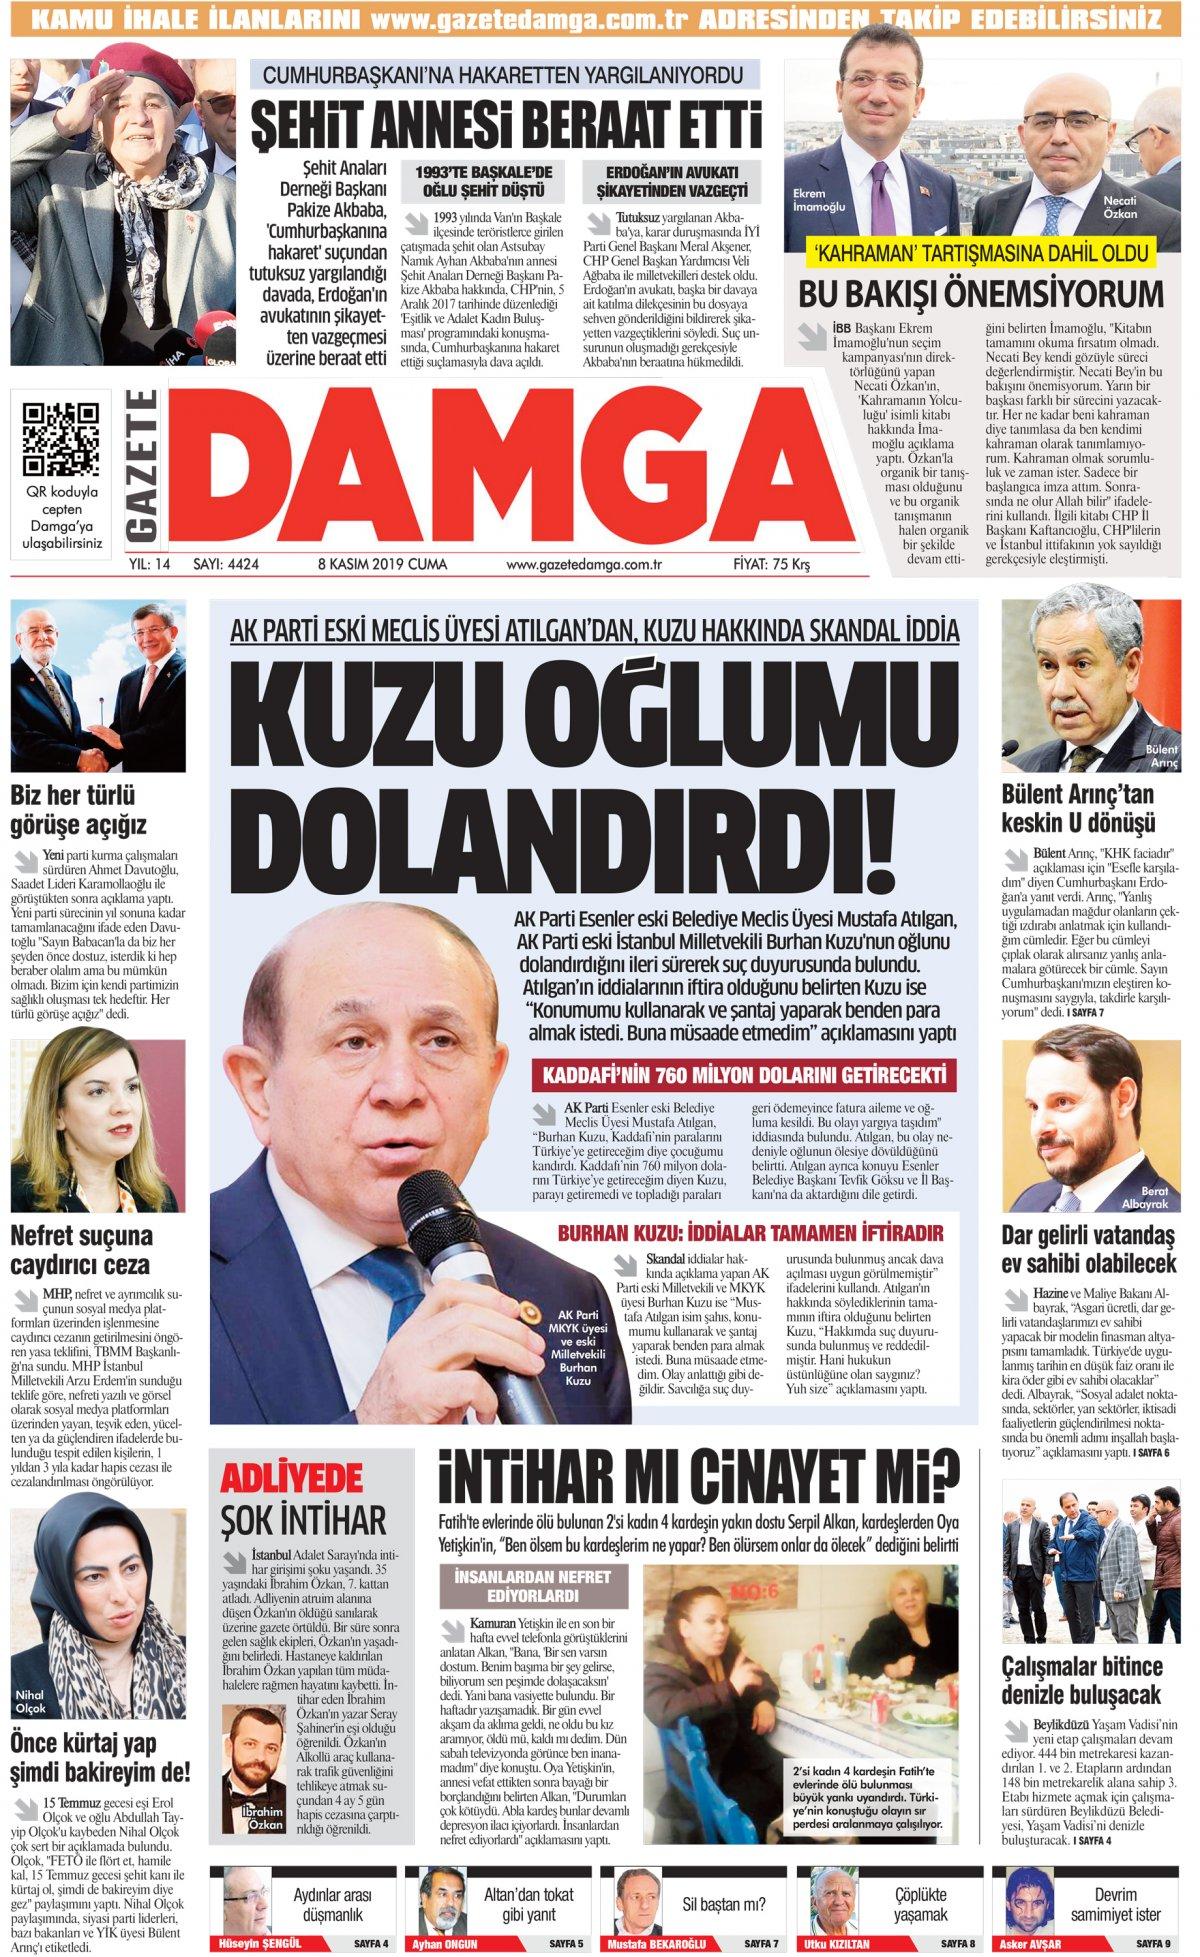 Gazete Damga - 08.11.2019 Sayfaları